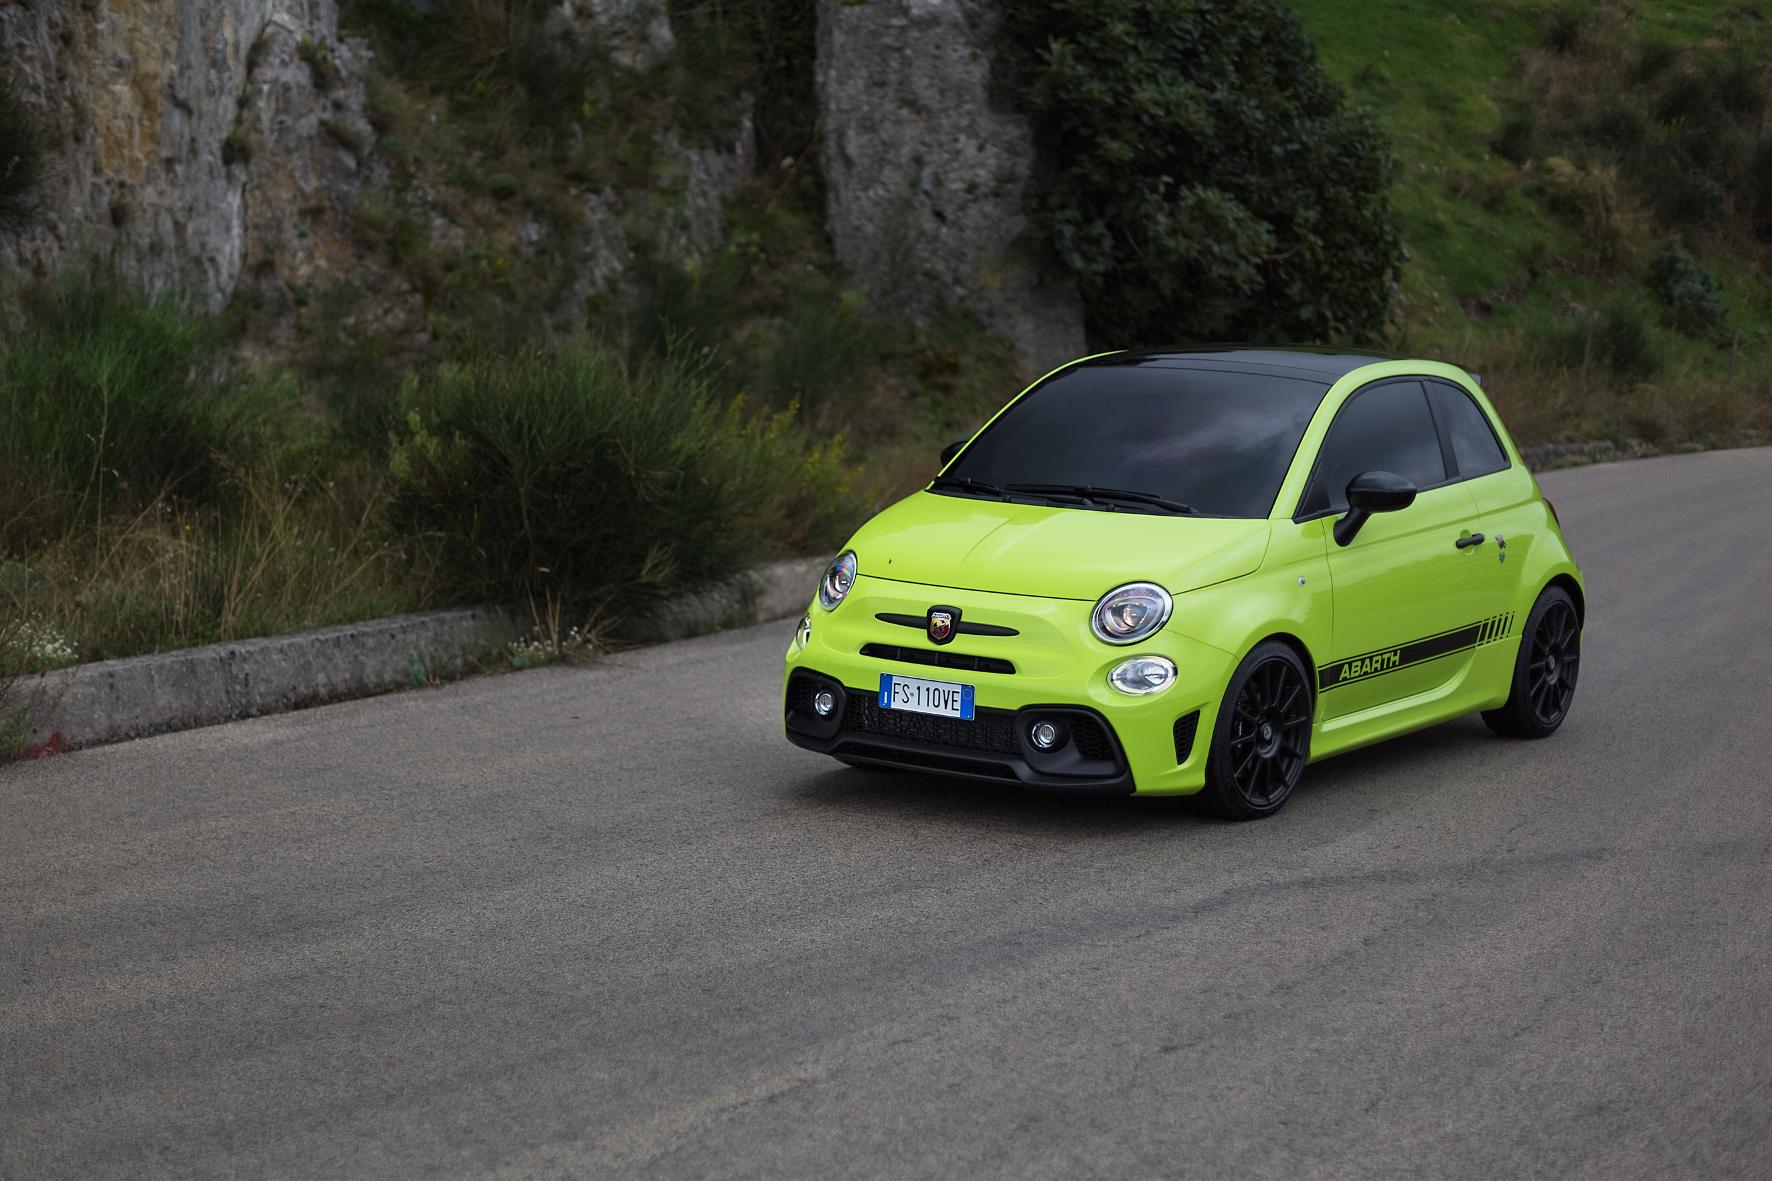 mid Groß-Gerau - Kommt eine Rennsemmel angeflogen: Der Abarth 595 Competizione hat es faustdick unter seiner kleinen Haube. 180 PS garantieren Fahrspaß pur. FCA